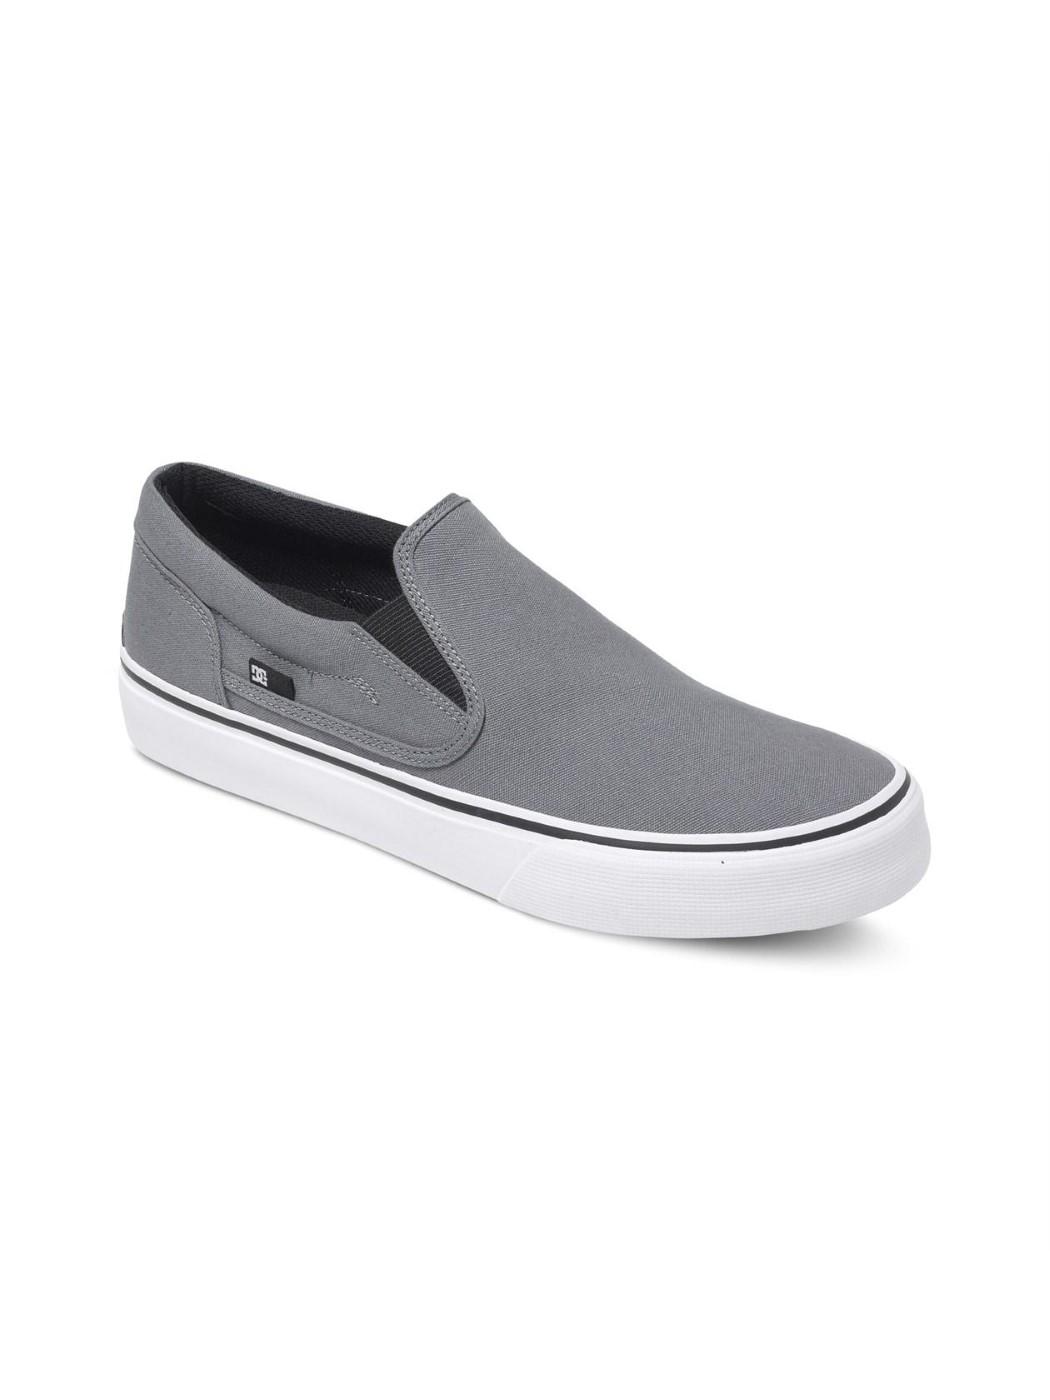 dc mens trase slip on shoes adys300184 ebay